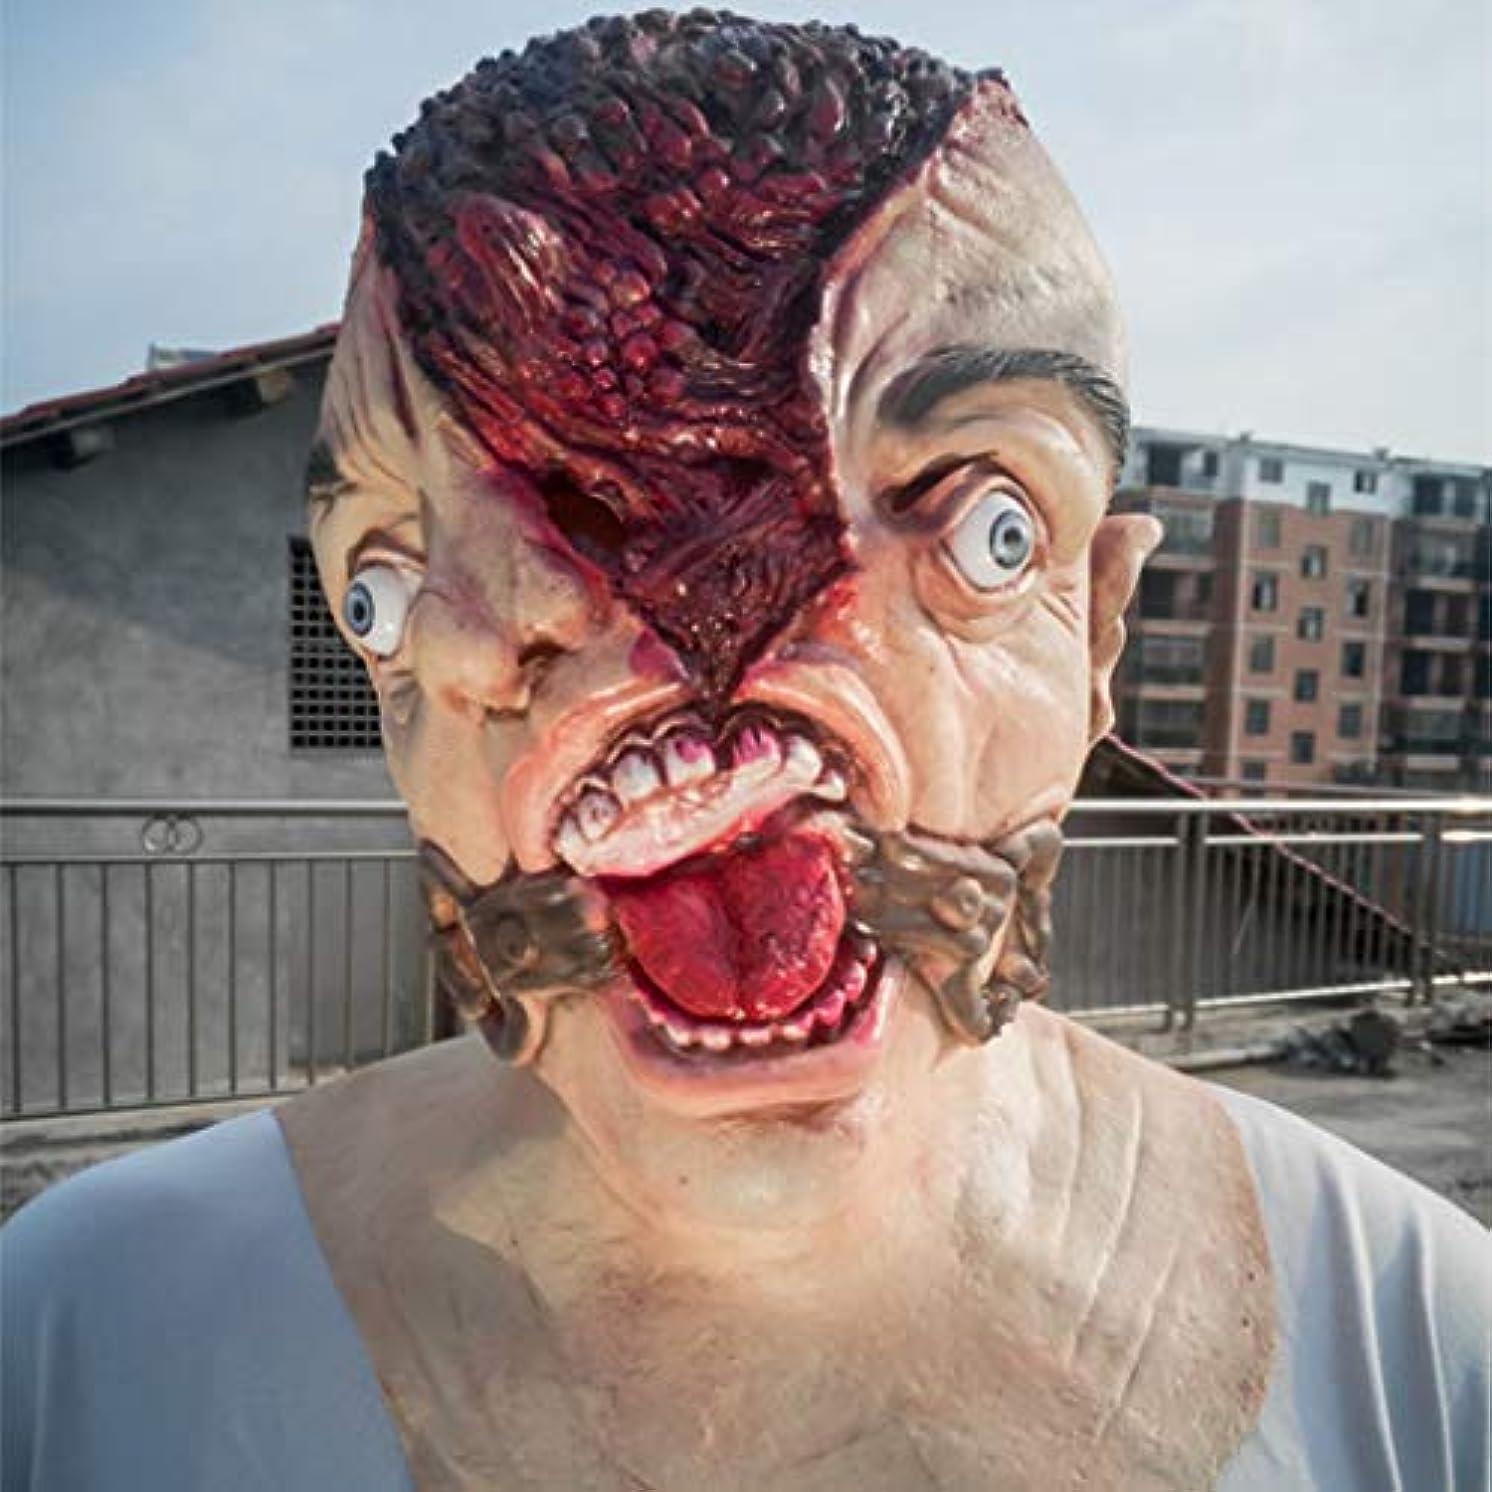 マスク鉱石であることハロウィン大人のラテックスホラーマスクしかめっ面マスクパーティーマスク怖い悪魔マスク映画小道具仮面舞踏会マスク